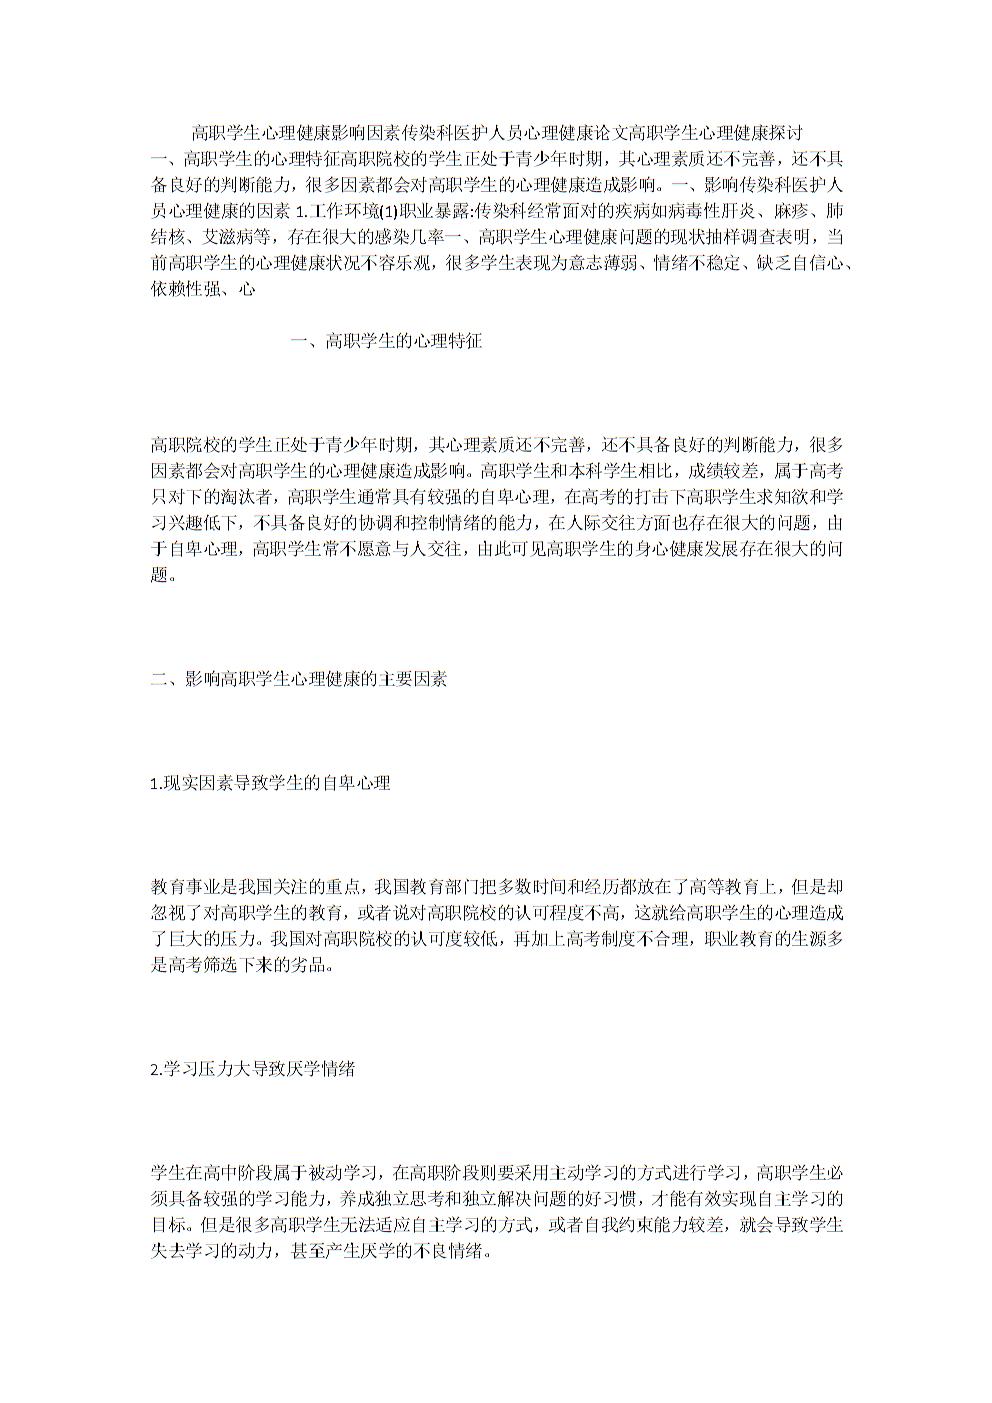 心理健康教育论文高职学生心理健康影响因素传染科医护人员探讨.docx